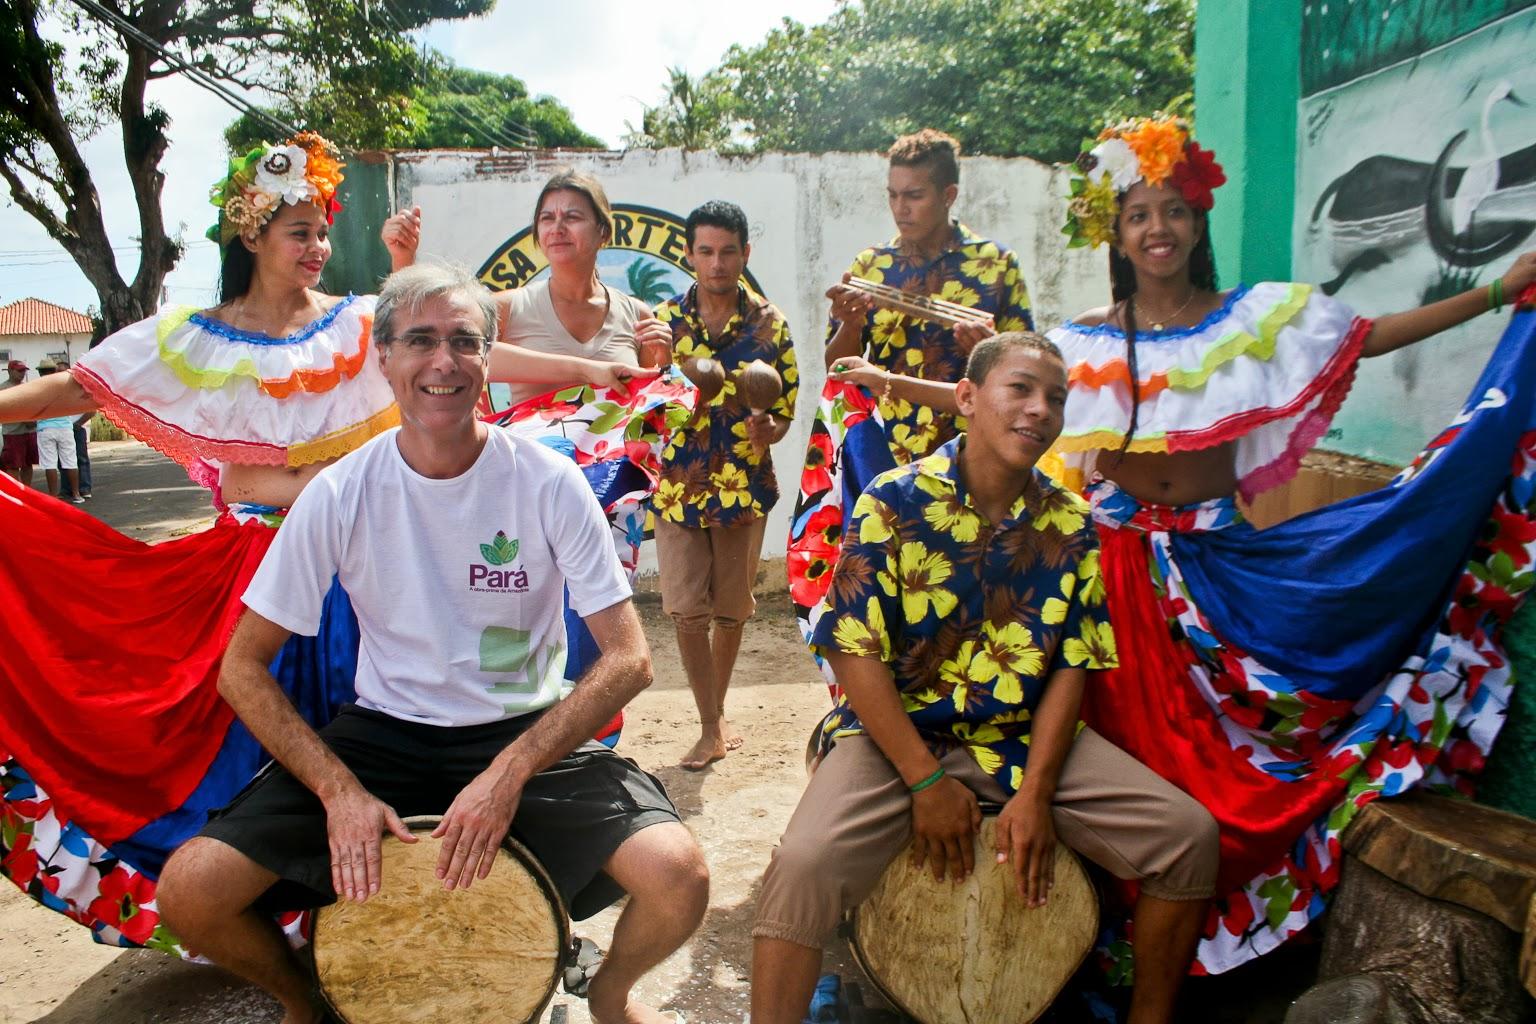 João Candeias - Diretor Geral da TAP para Rússia vestiu a camisa do Pará  aproveitou para tocar curimbó. Foto: Benigna Soares - Paratur